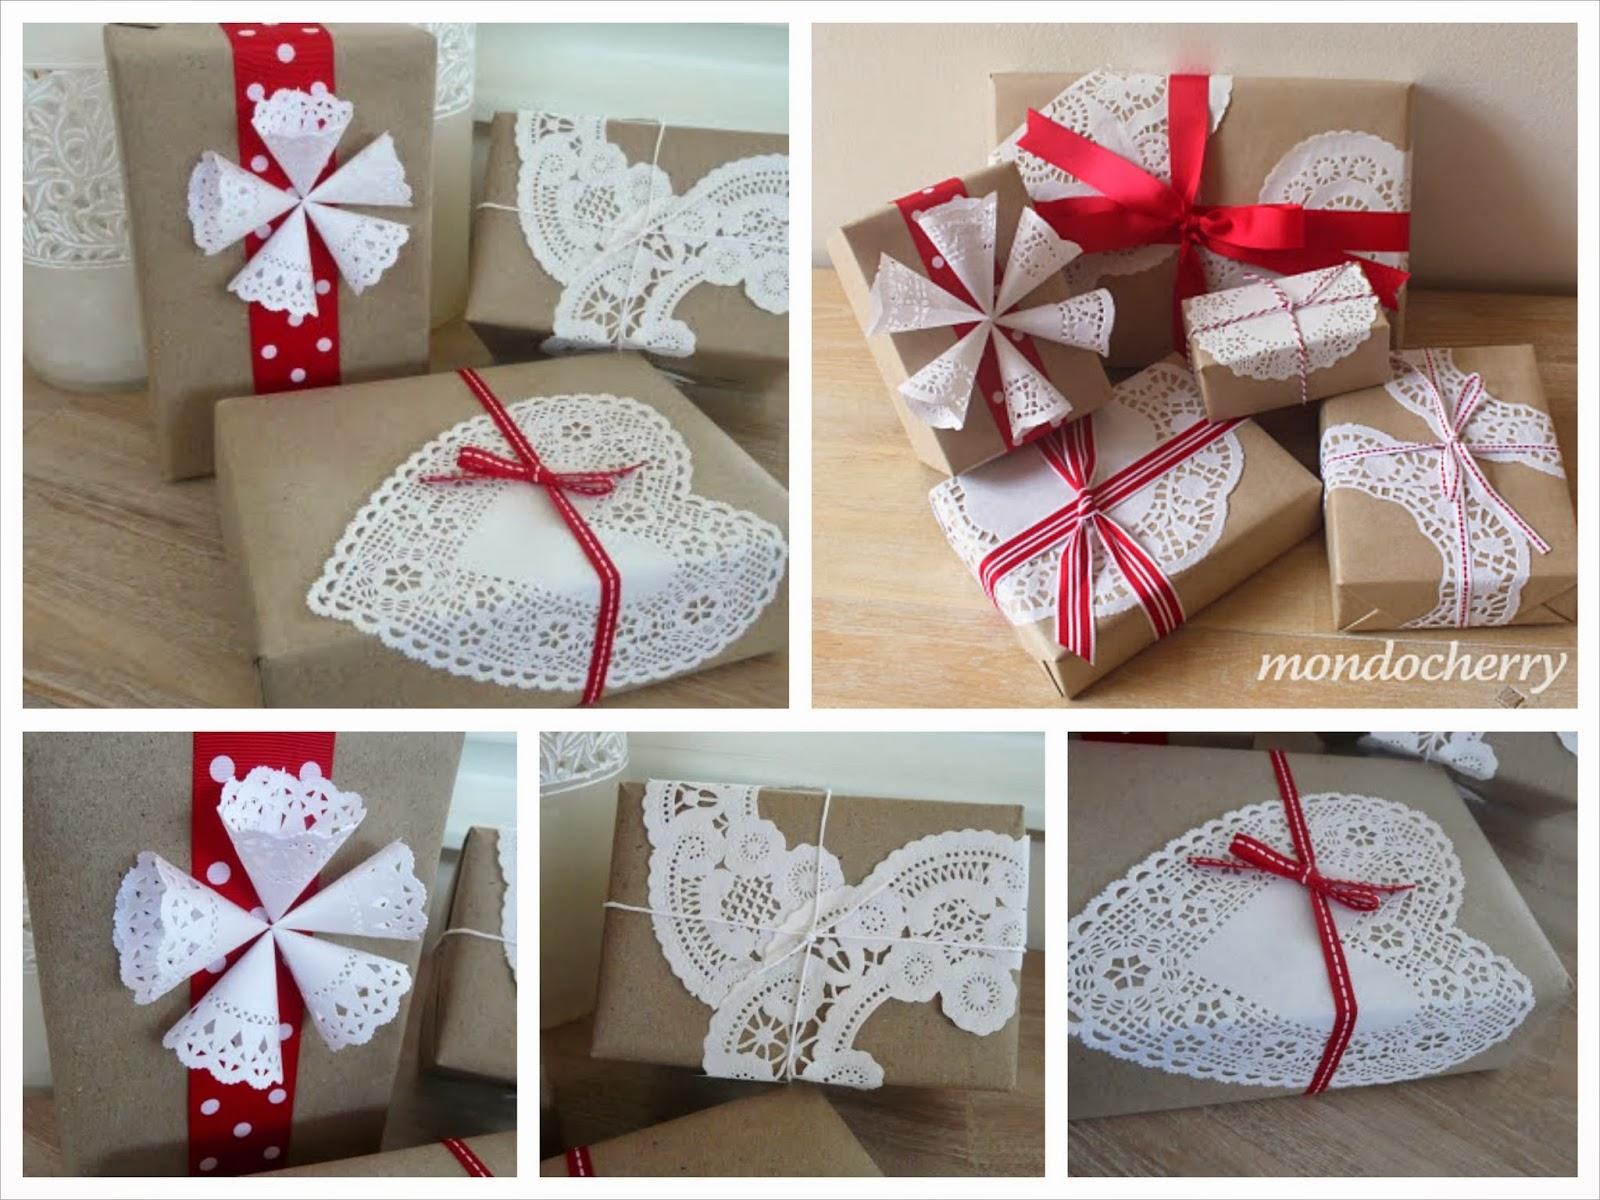 Blog de tu d a con amor invitaciones y detalles de boda - Cosas para regalar en navidad ...